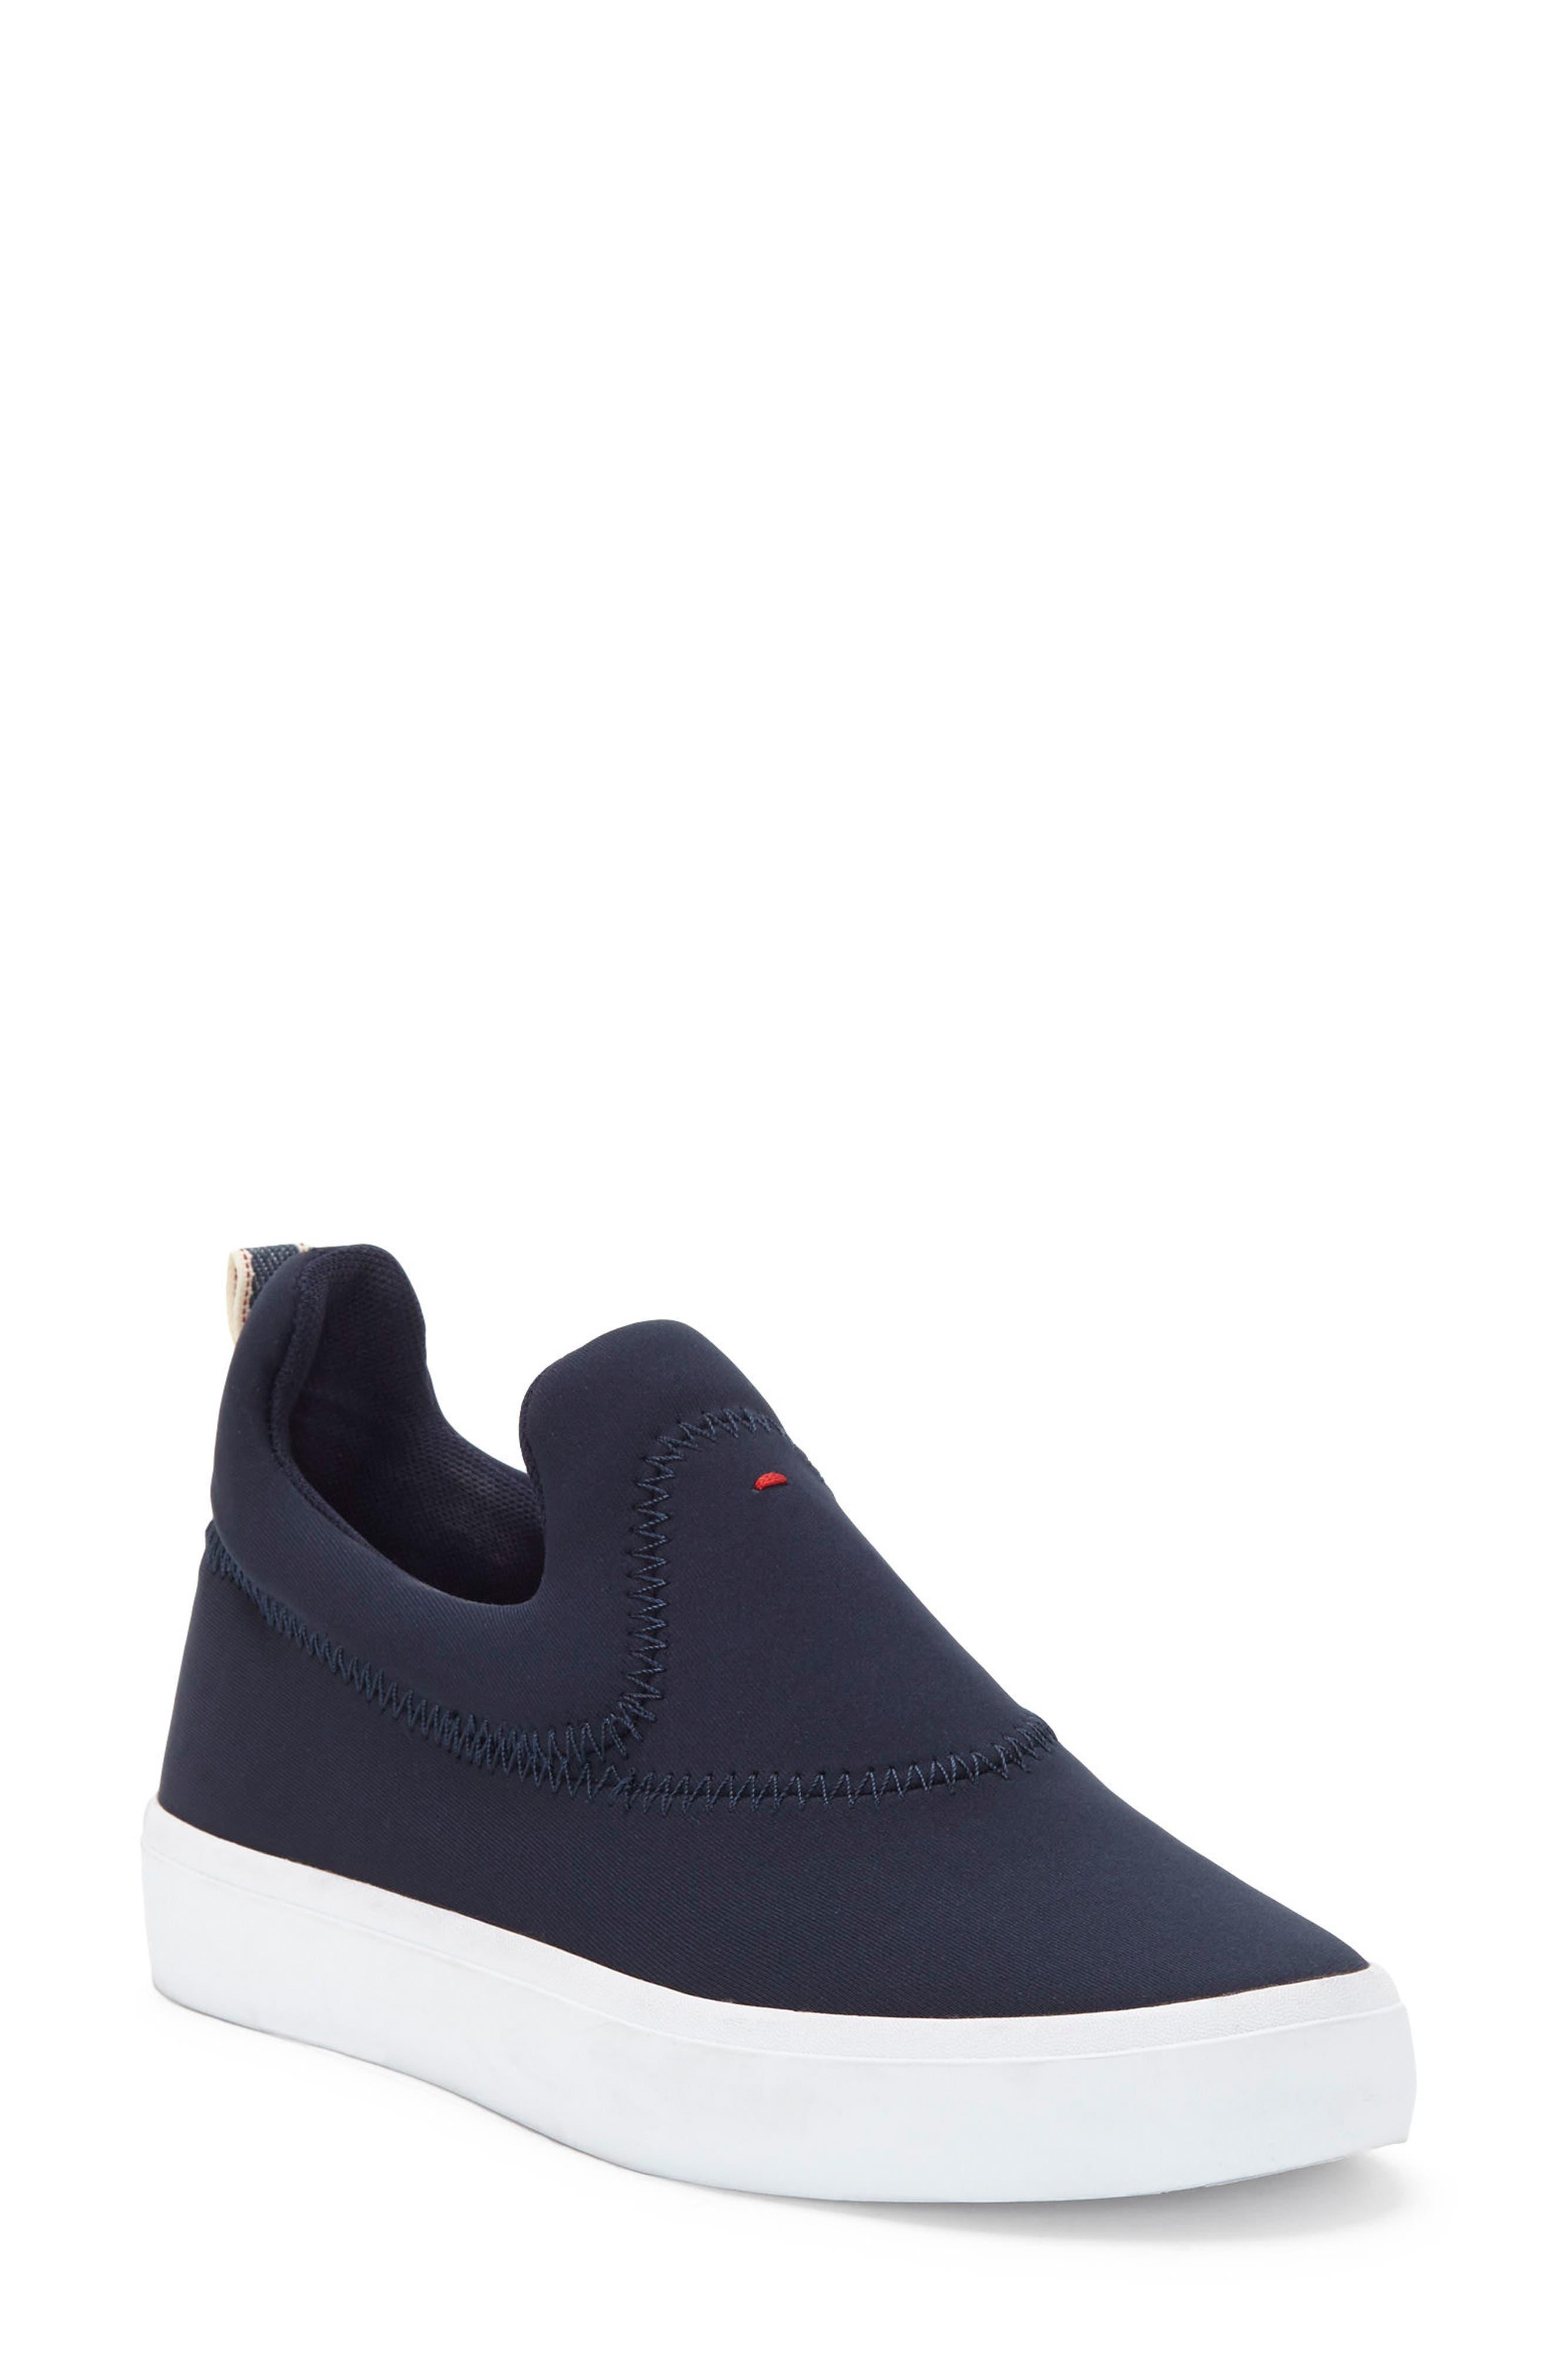 ED ELLEN DEGENERES Daire Slip-On Sneaker